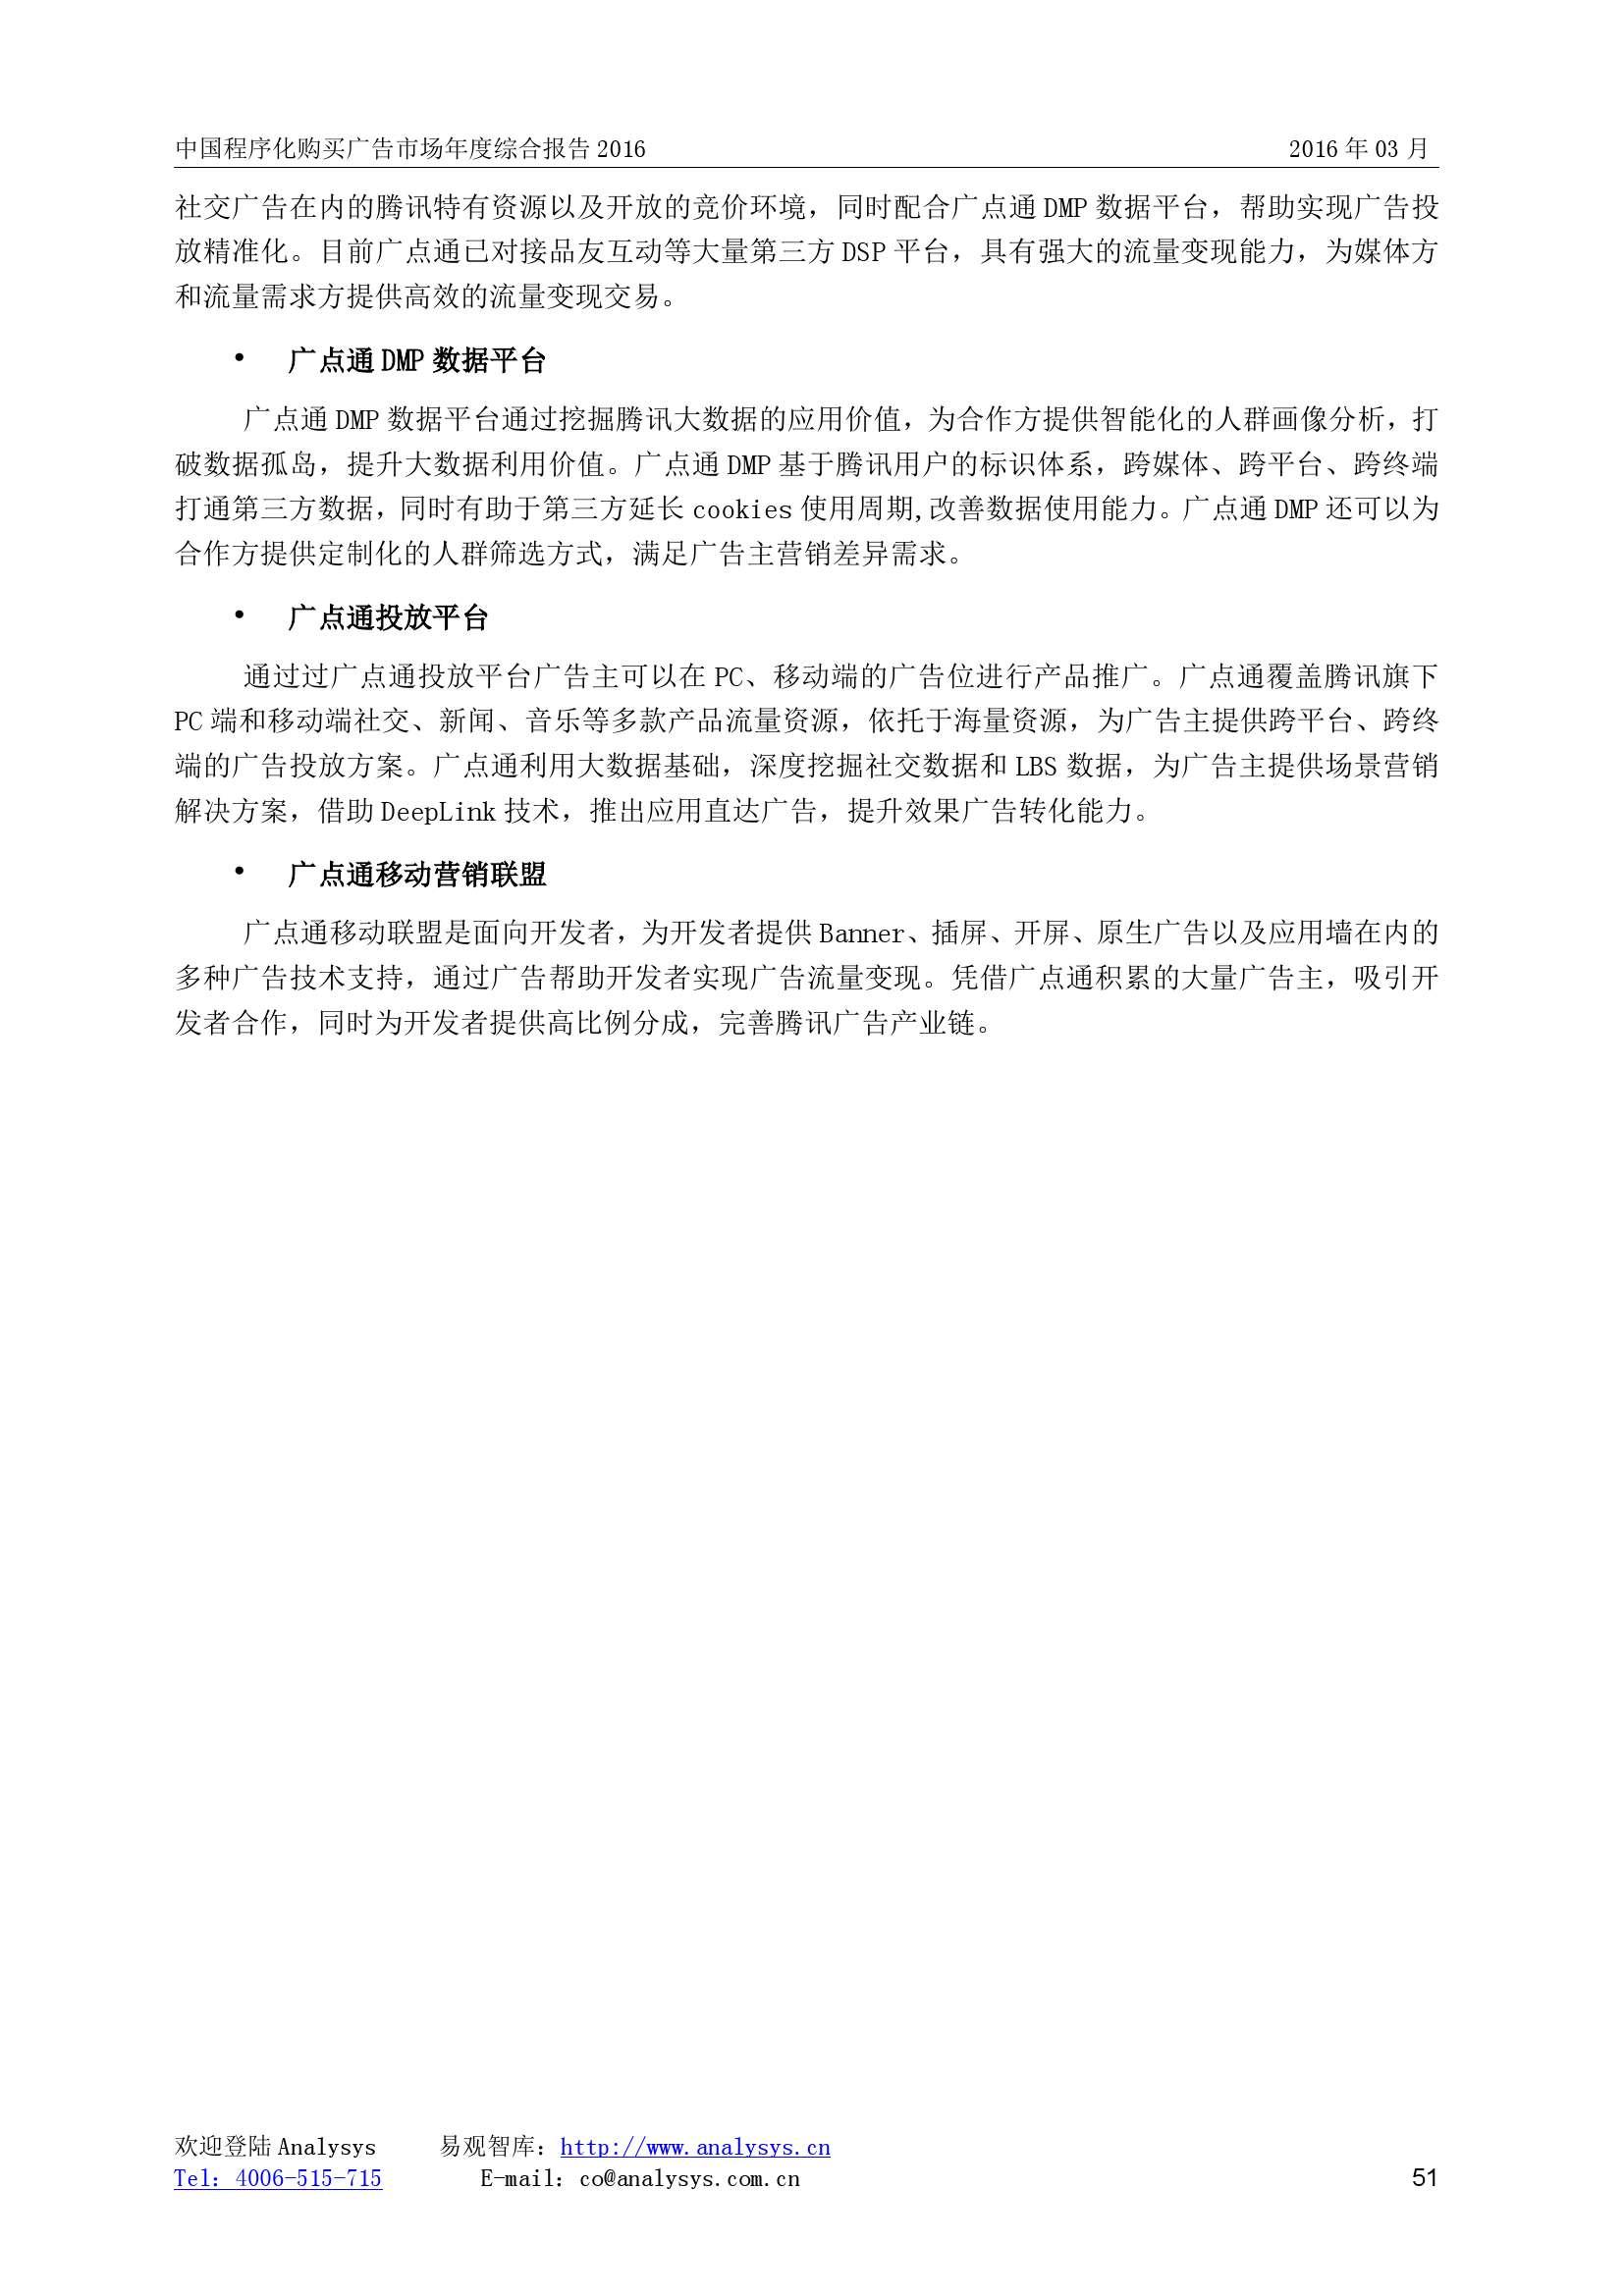 中国程序化购买广告市场年度综合报告2016_000051